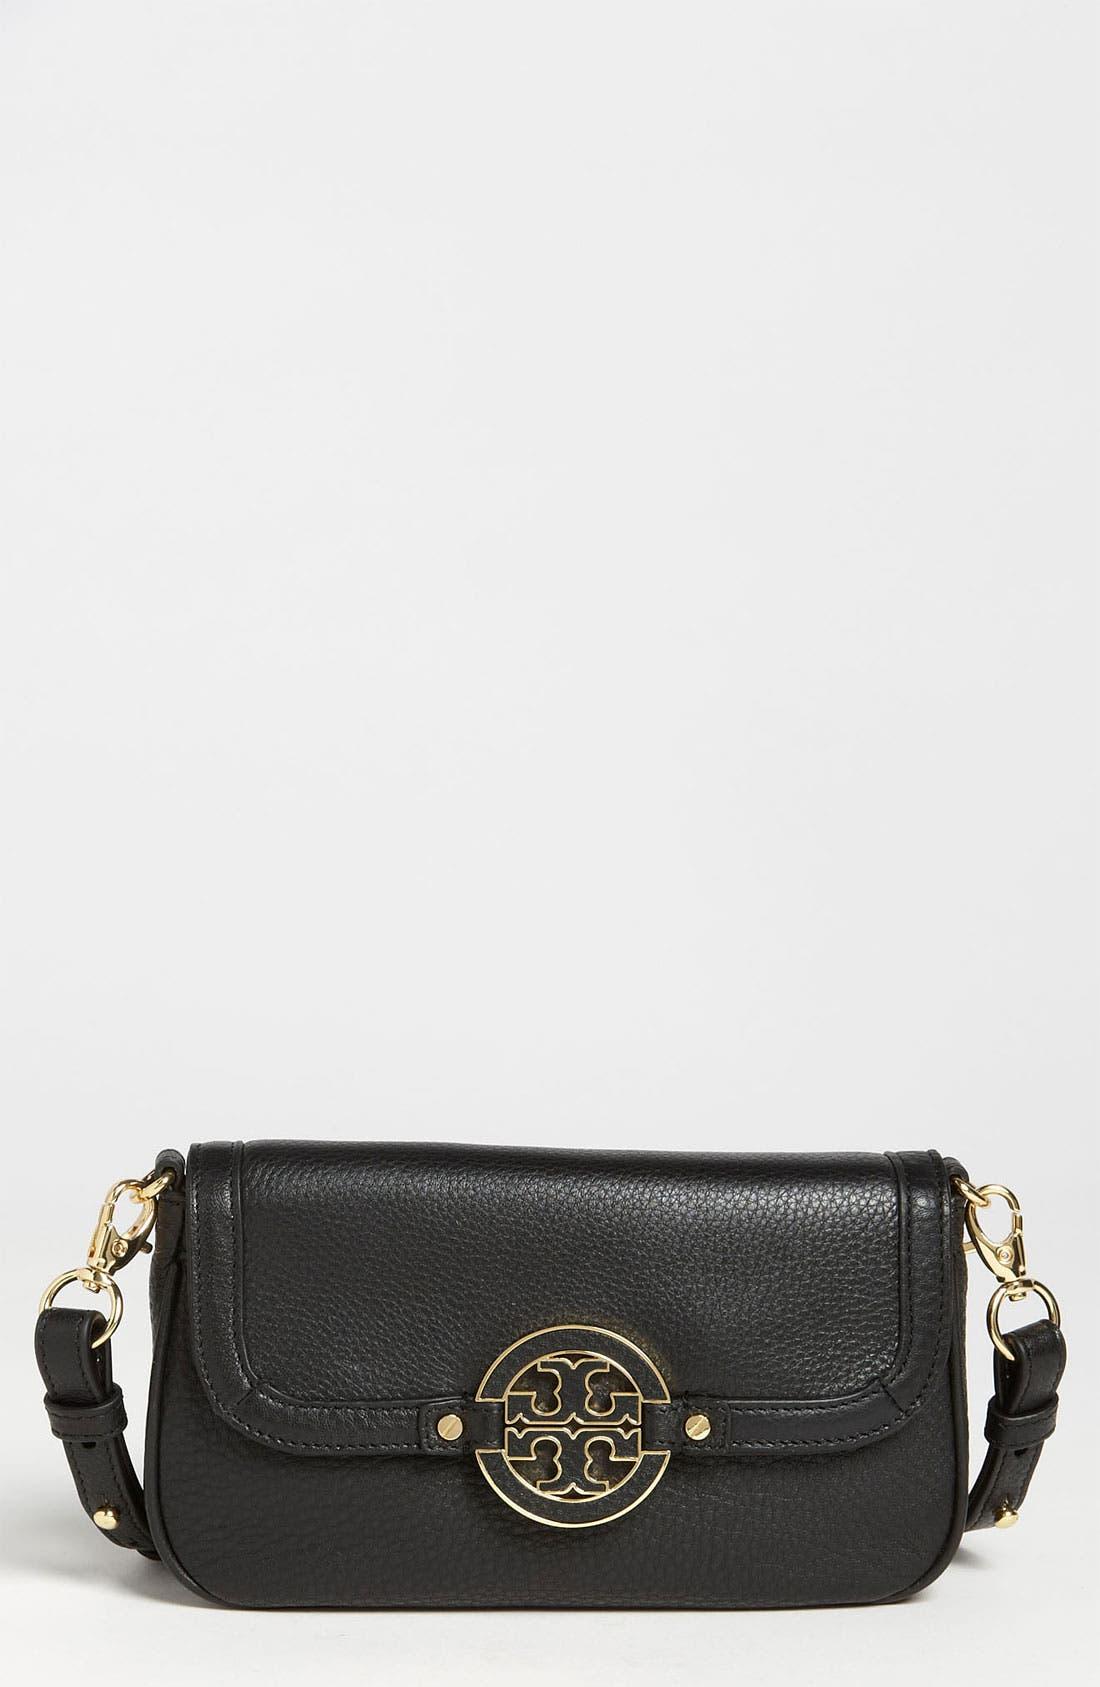 Alternate Image 1 Selected - Tory Burch 'Amanda - Mini' Crossbody Bag